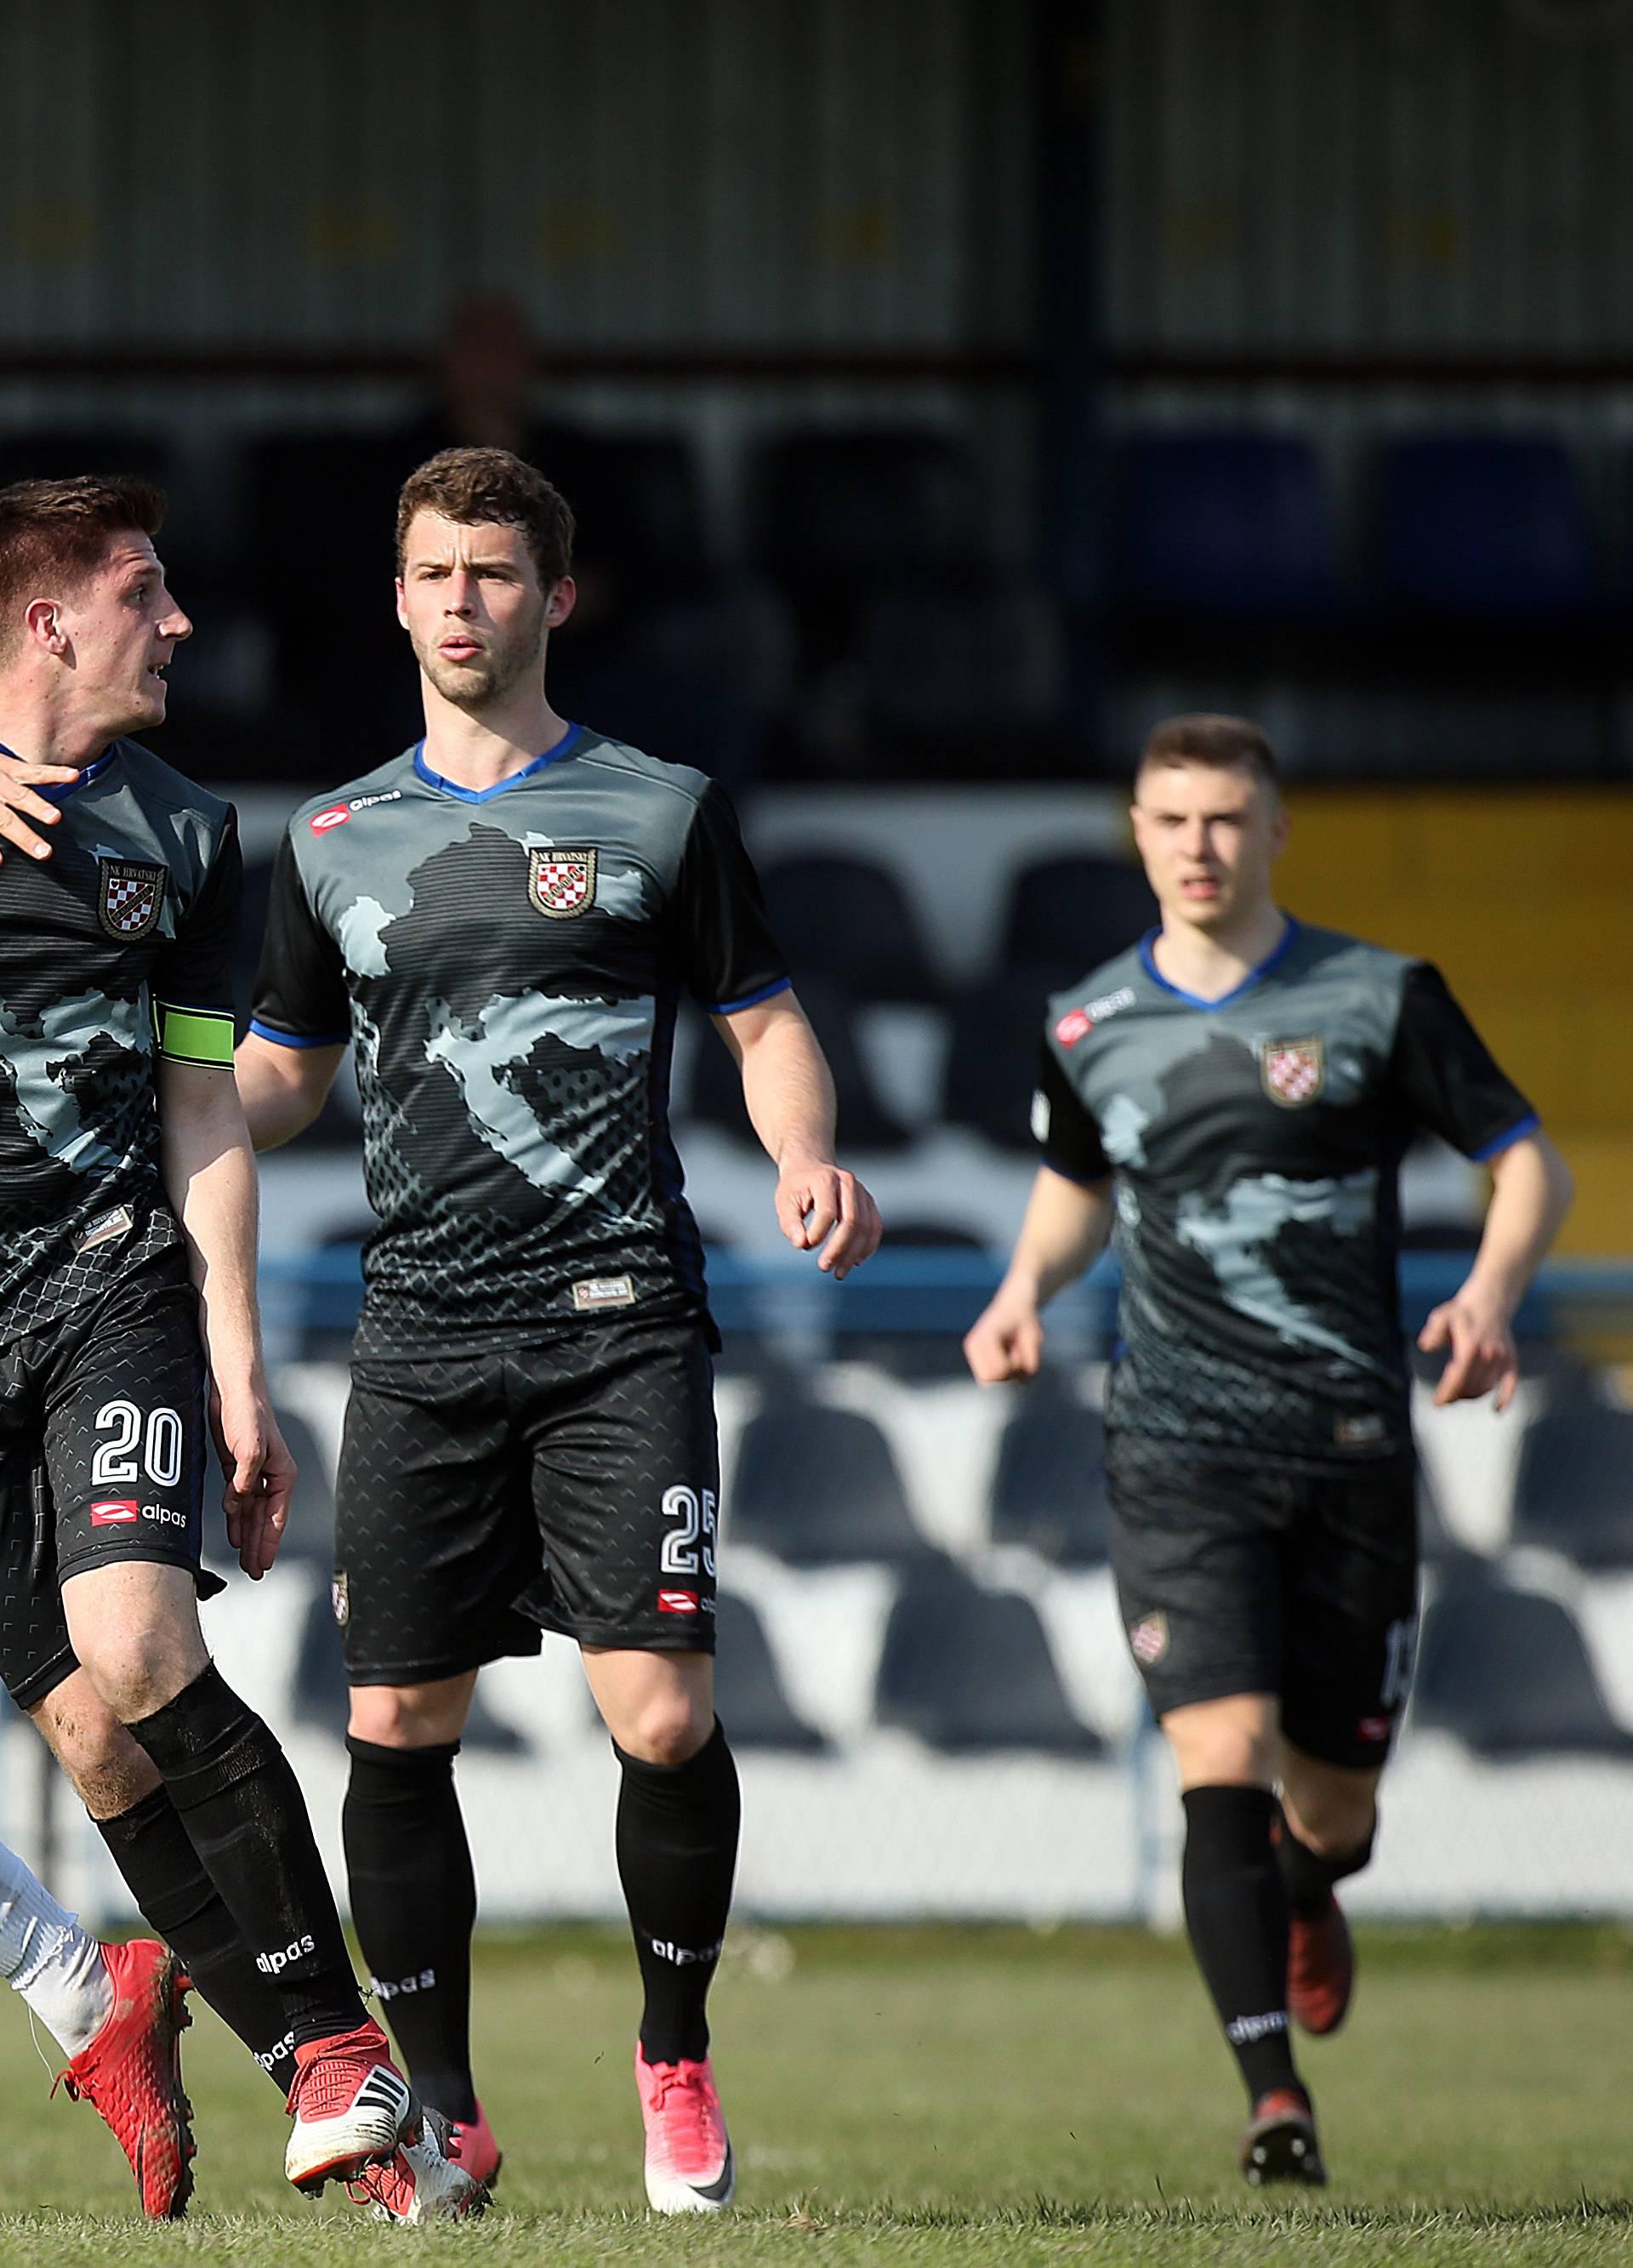 Dragovoljac ide u kvalifikacije, Zadar se vraća u Drugu HNL